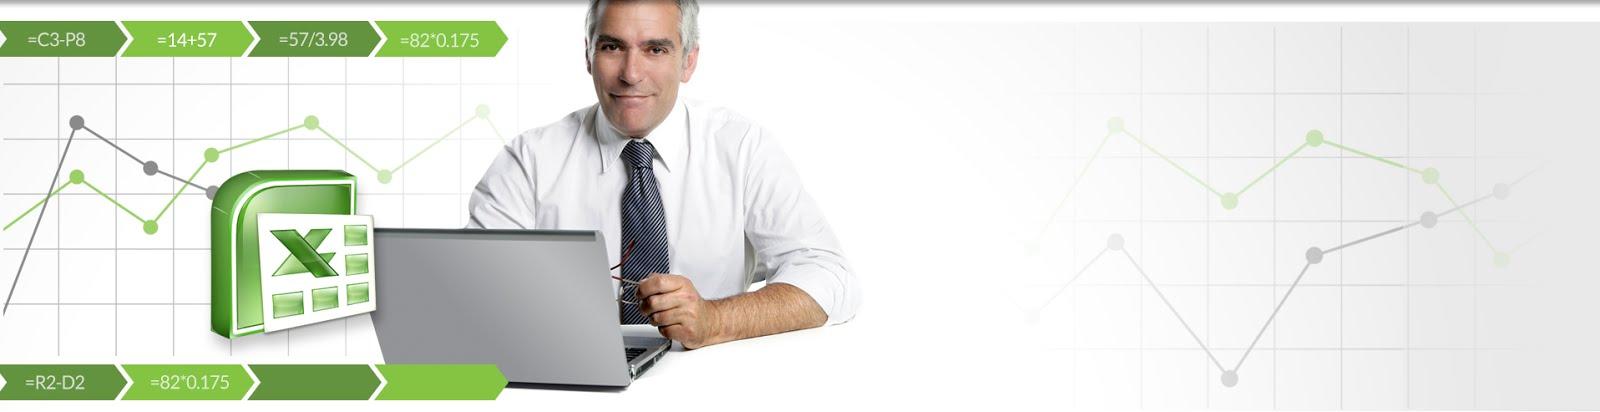 Phần mềm kế toán Excel - Ứng dụng excel hữu ích